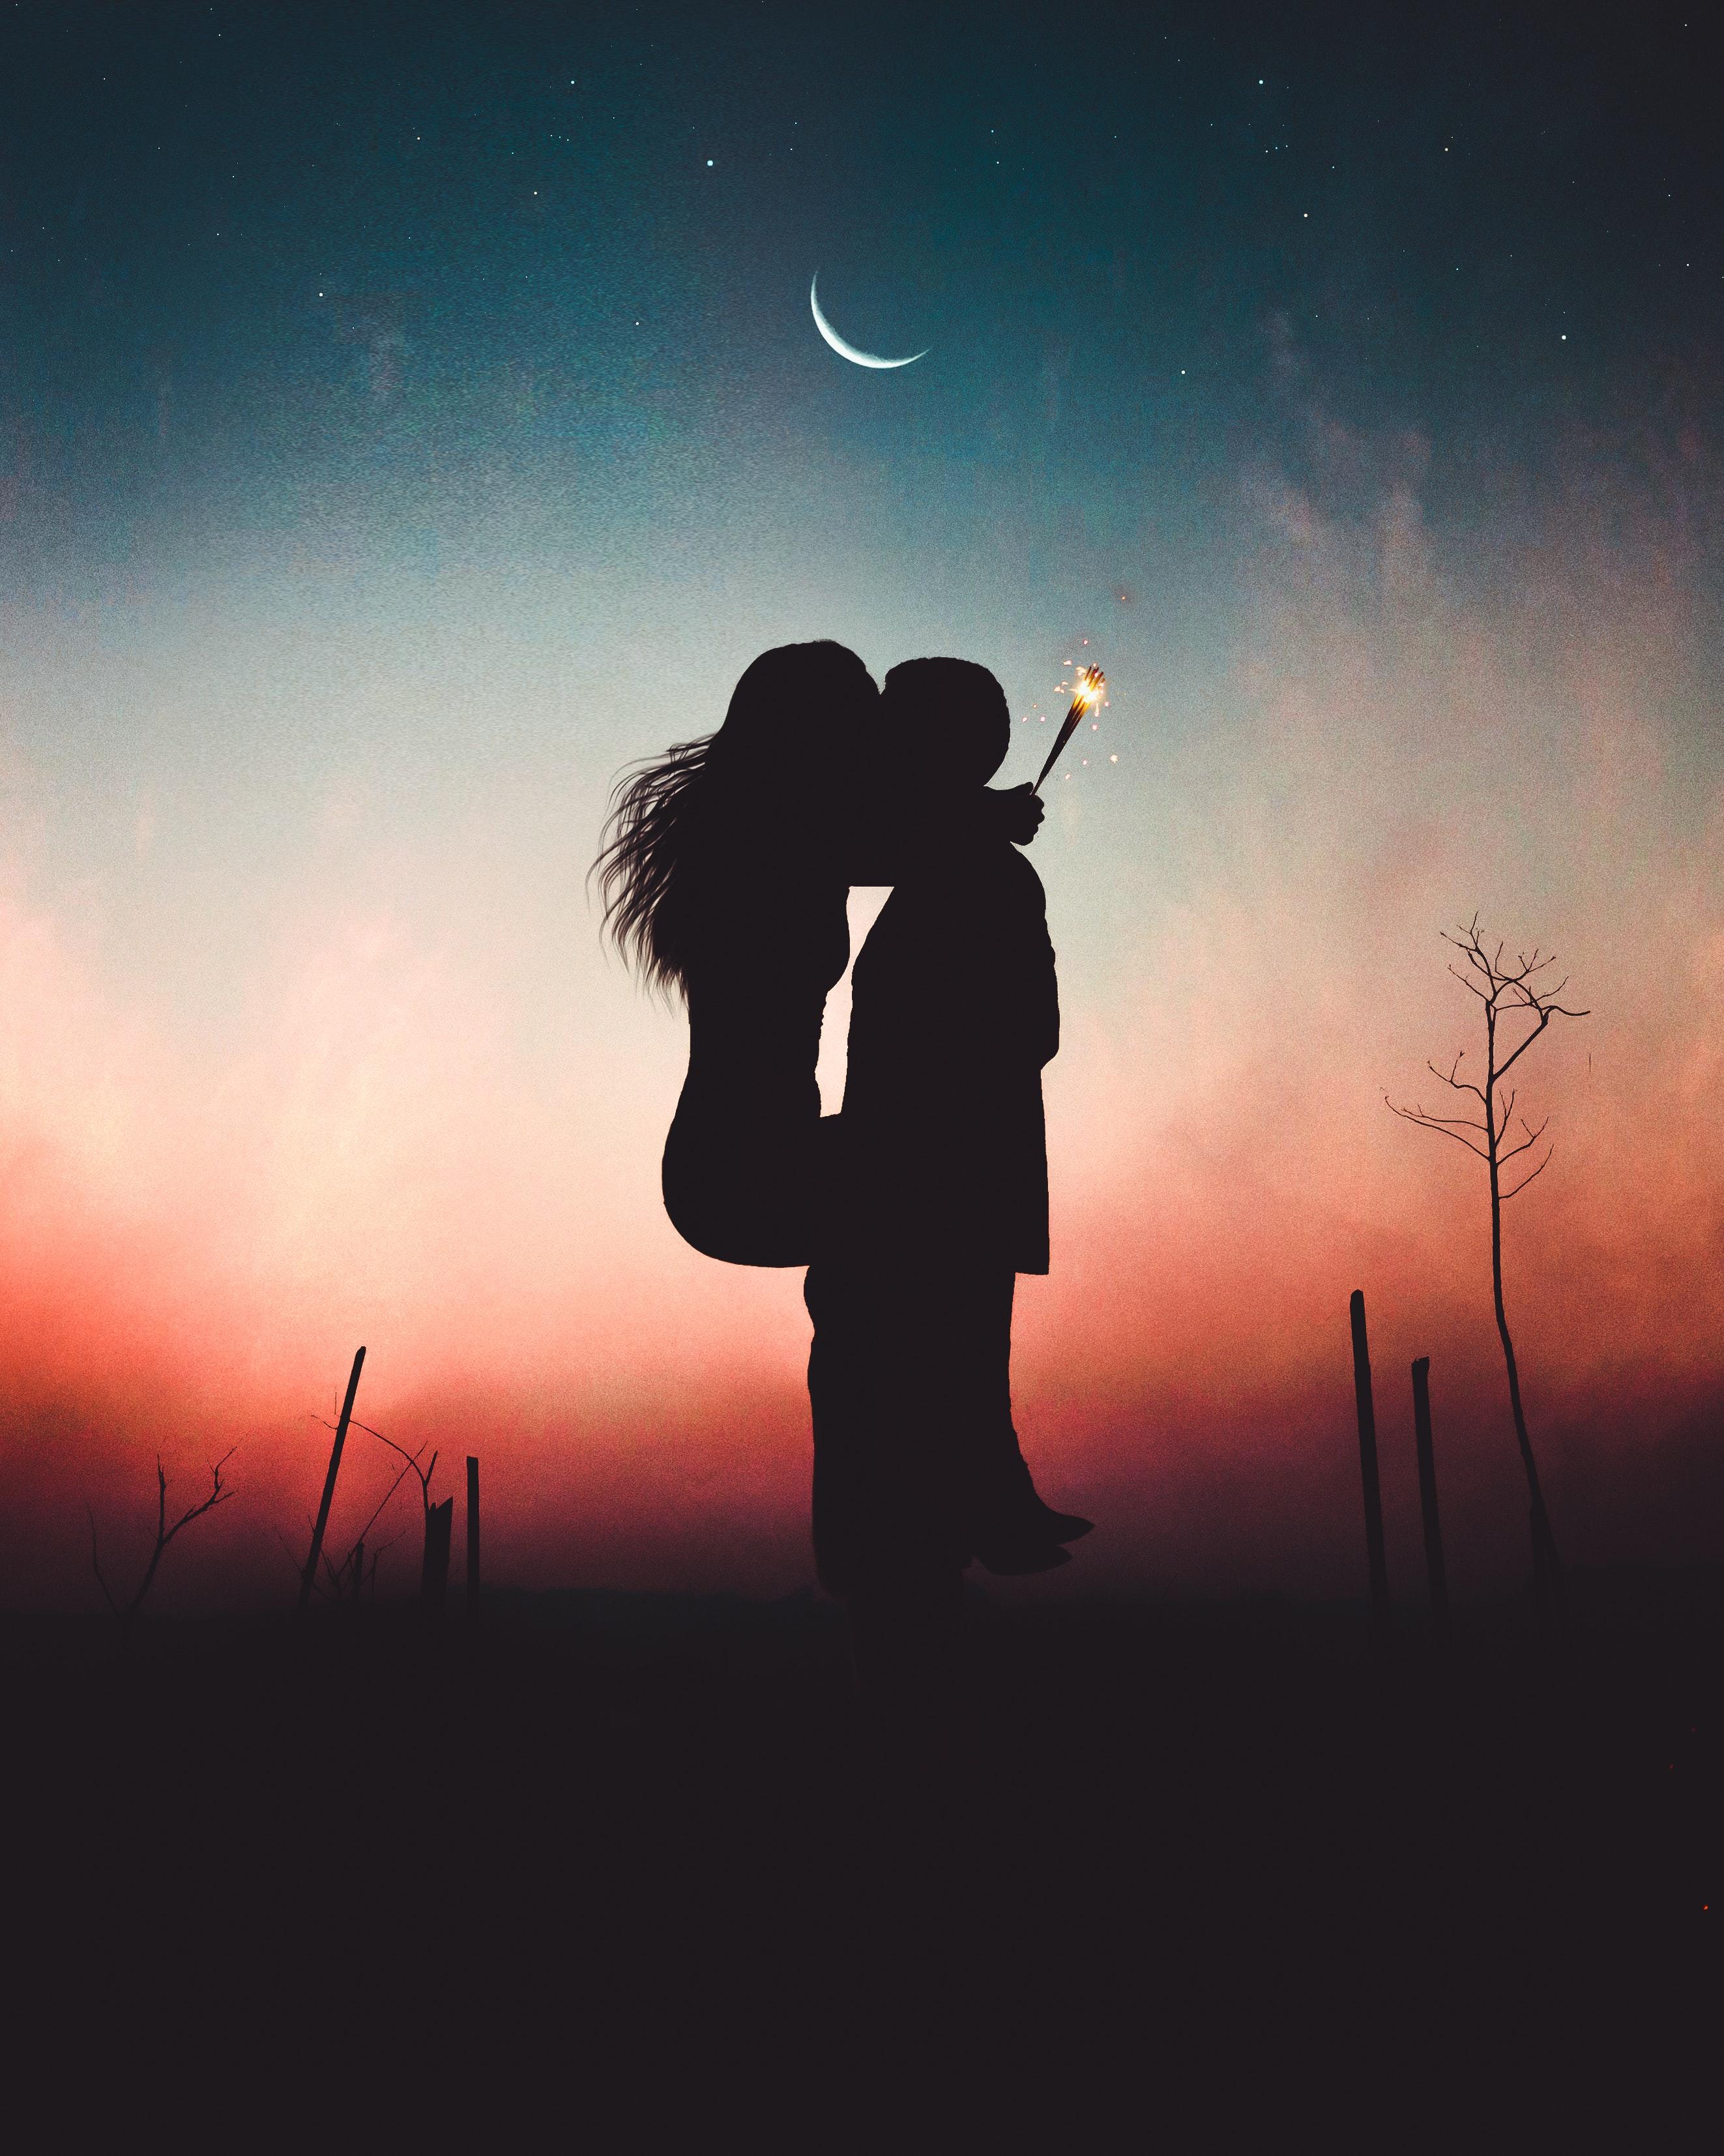 affection-art-backlit-556662 (1)